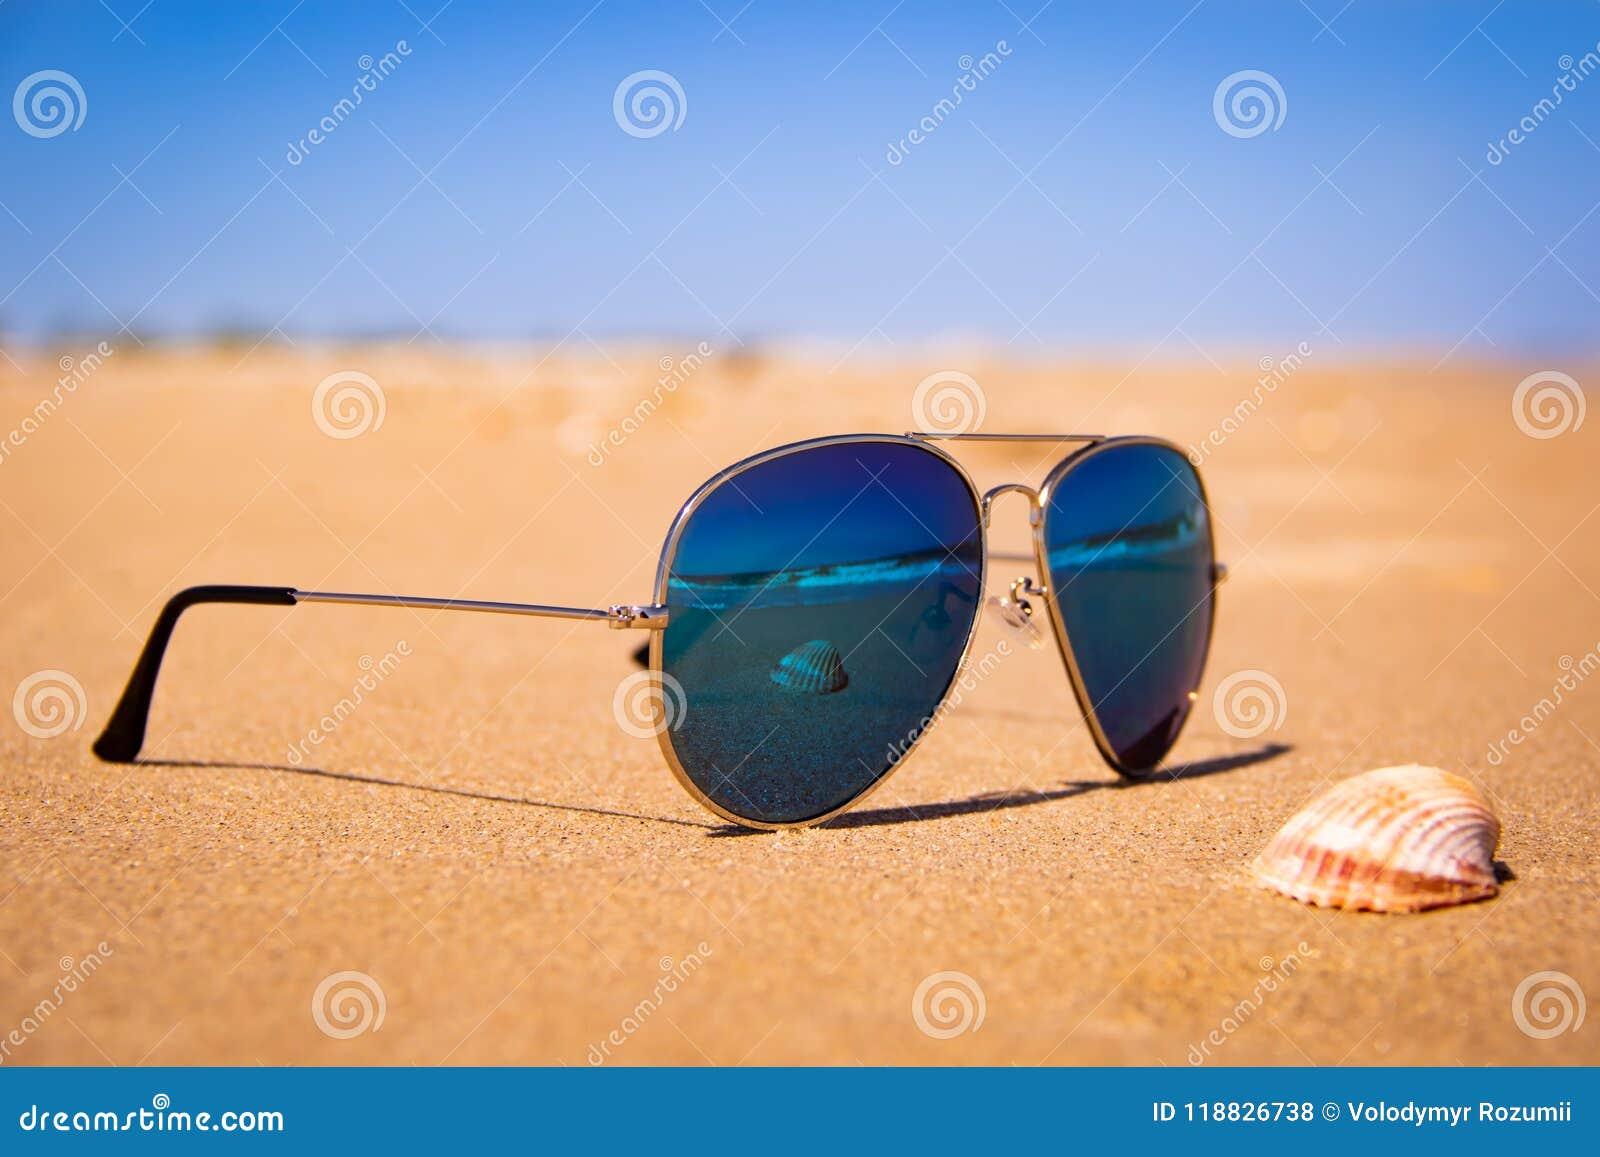 Les lunettes de soleil de miroir sur la plage, la coquille et la mer orageuse sont reflétées dans les verres